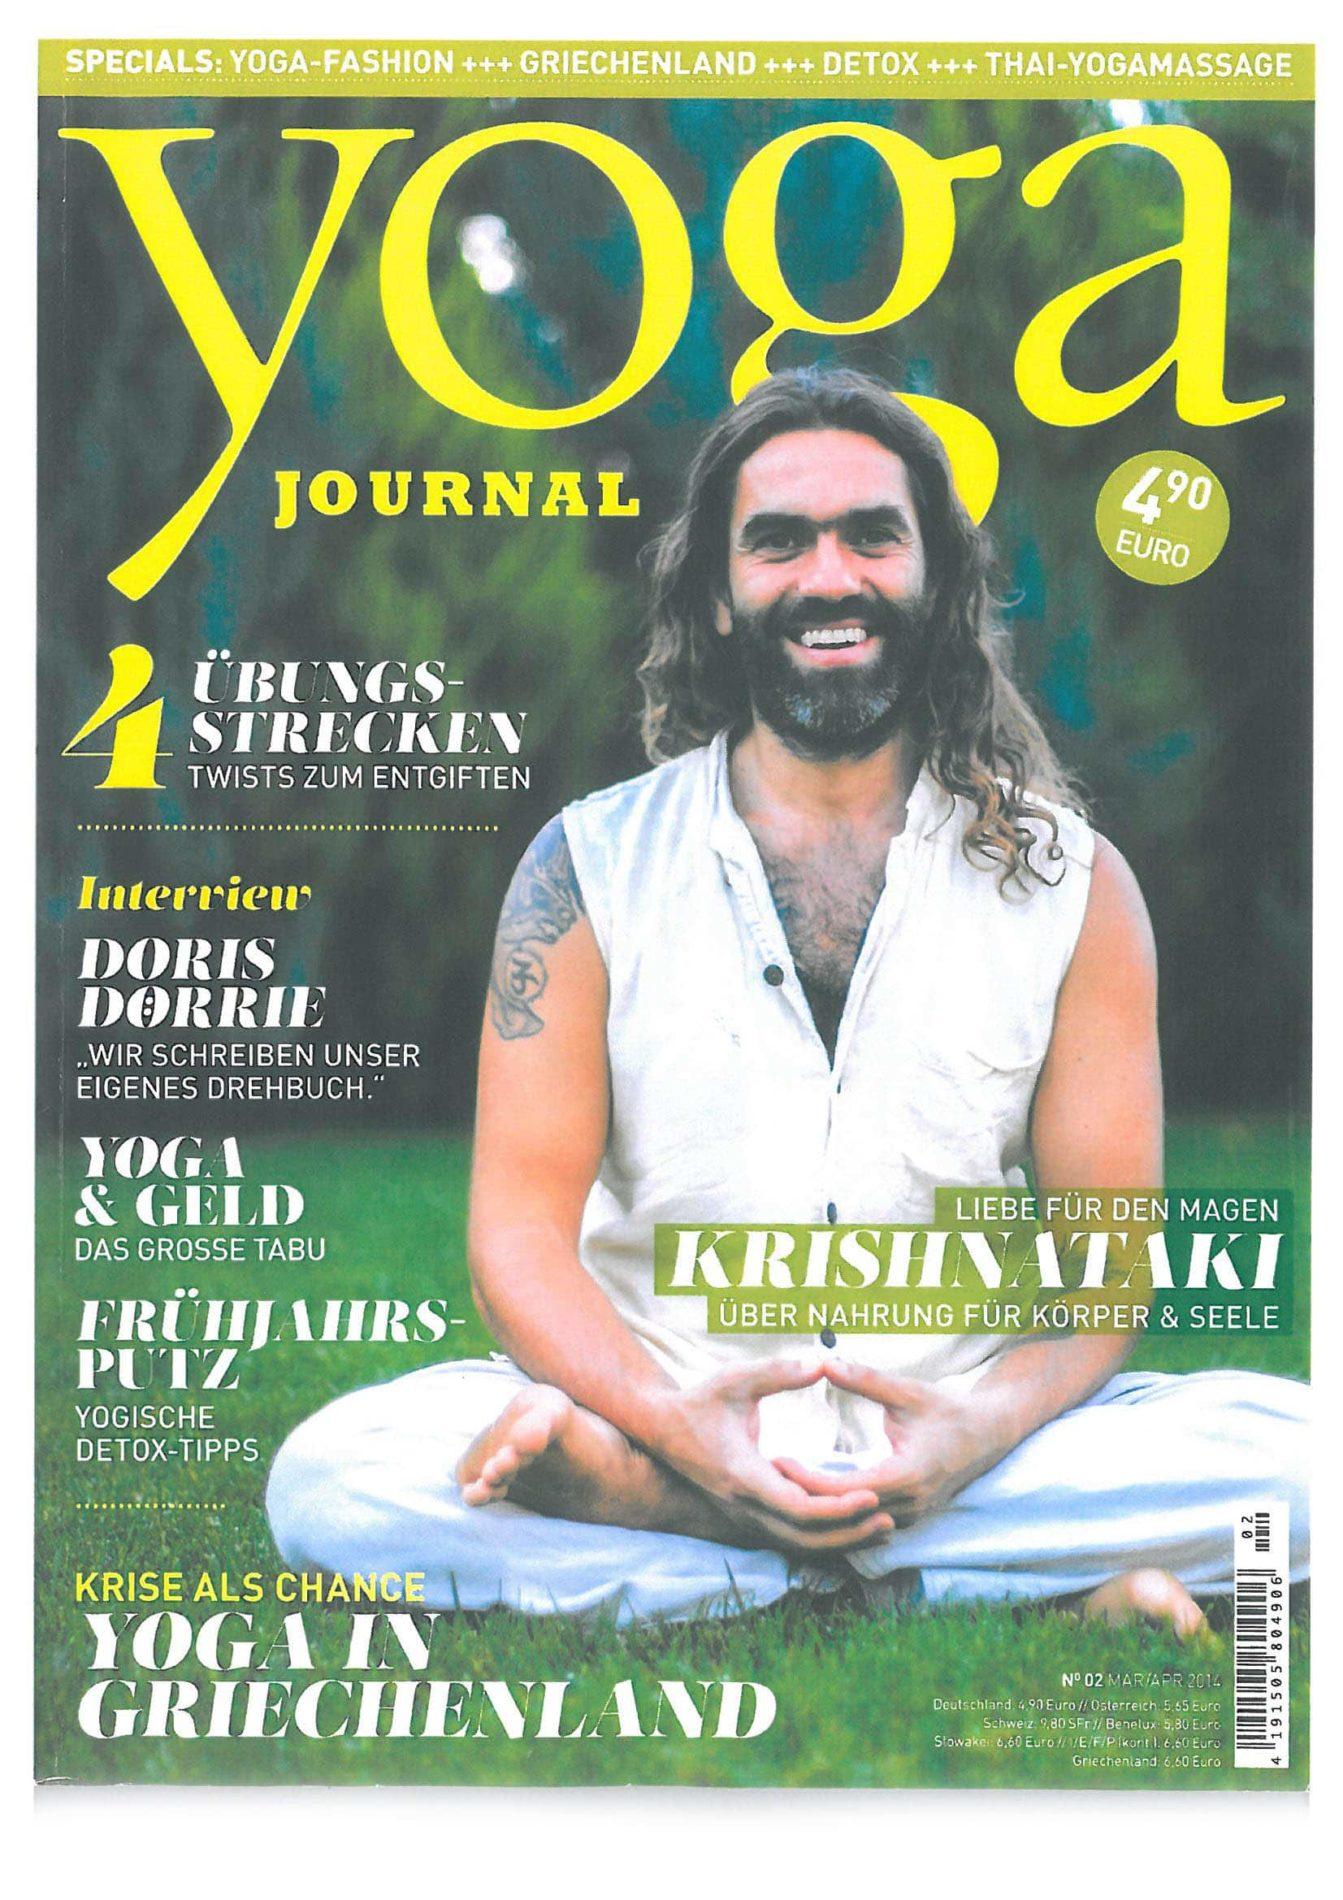 Yoga Journal – Wissen, Freiheit und Liebe